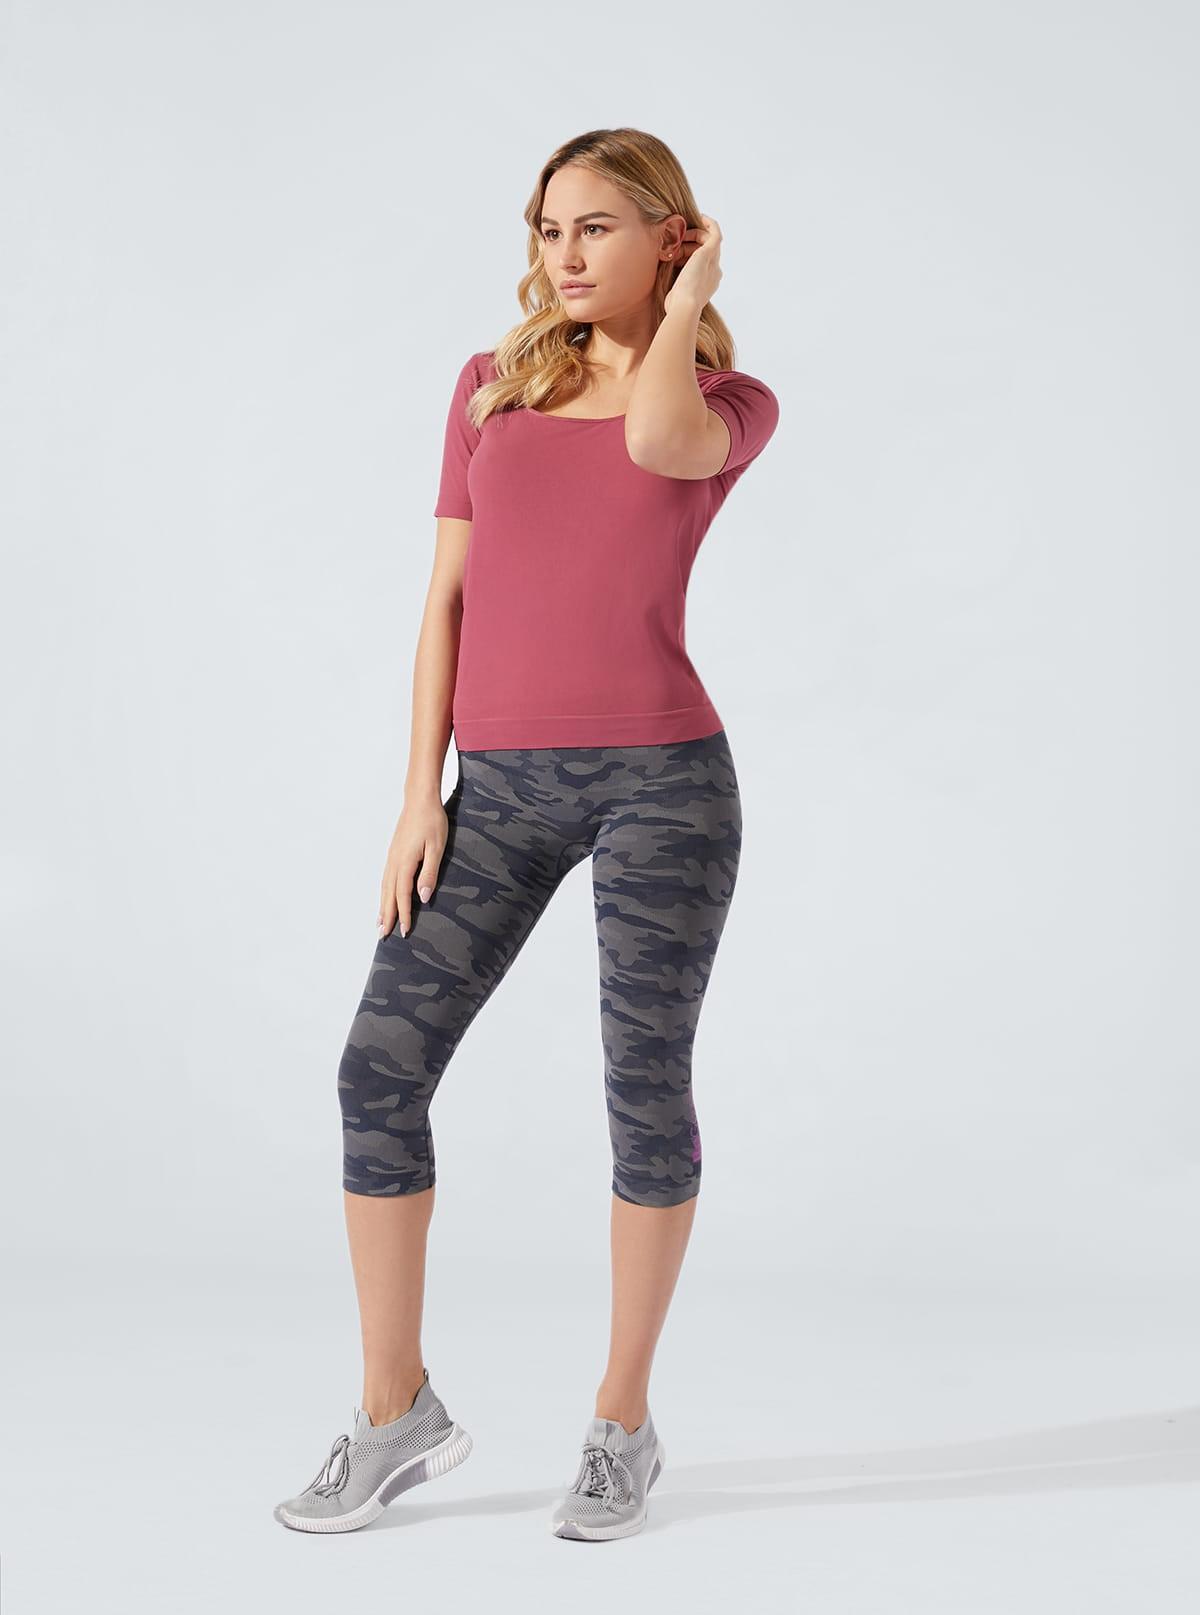 Sportset für Damen: Komfortable t-shirt + Caprihose Camouflage